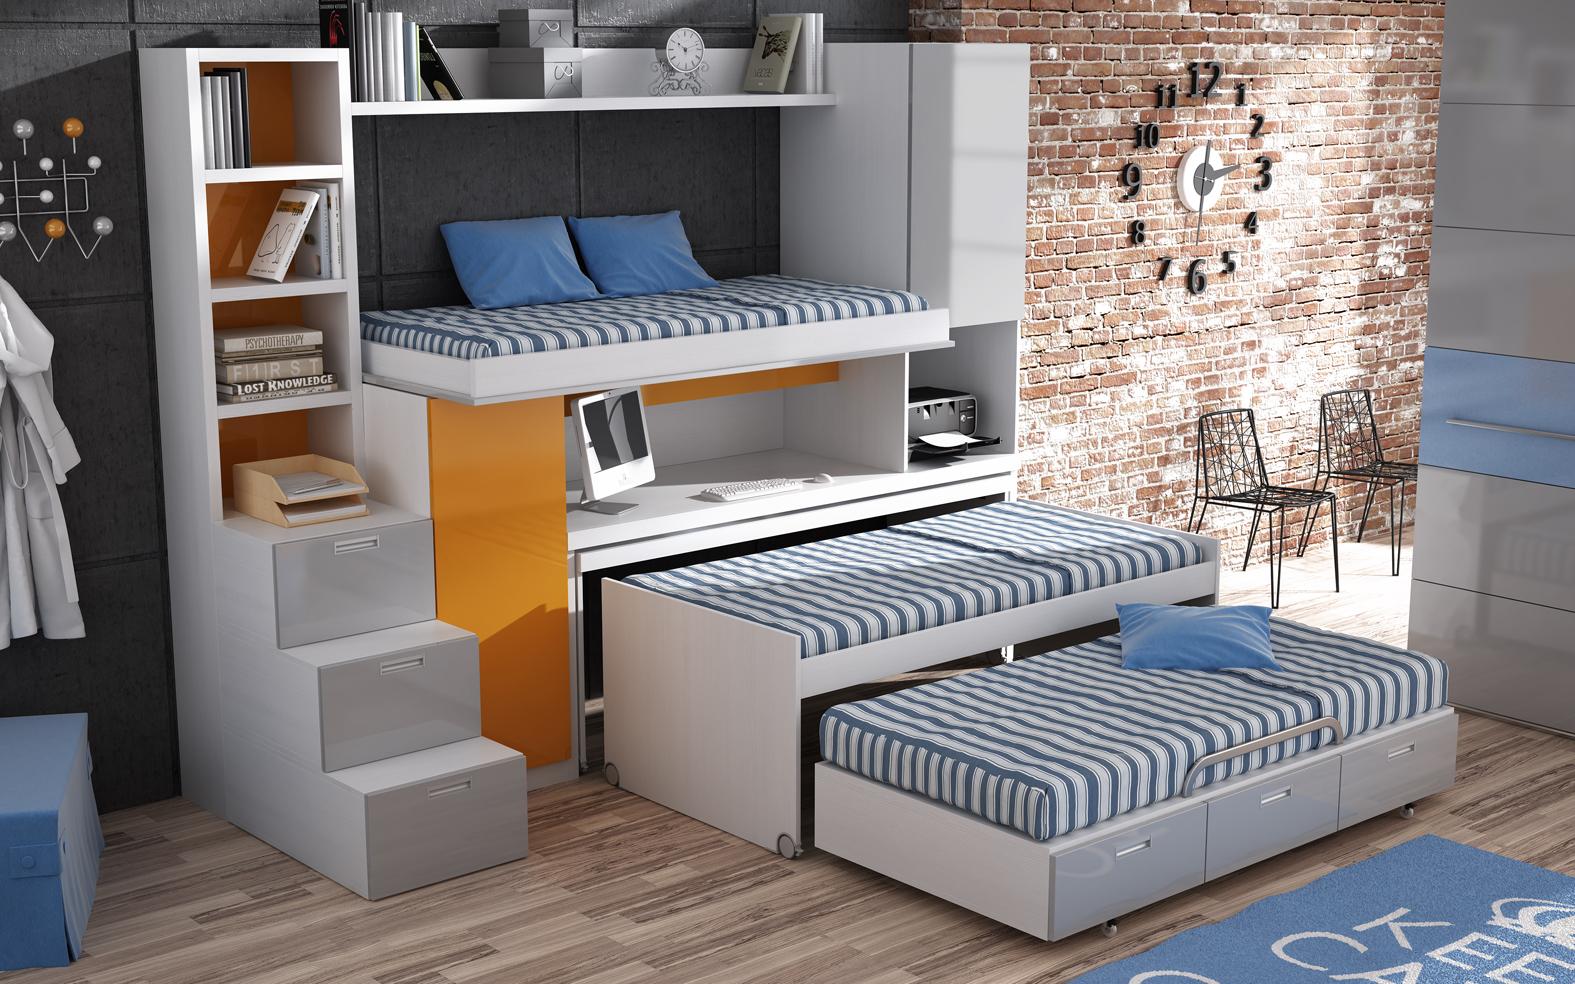 Parchis camas escritorio para habitaciones juveniles virtual mobel - Cama alta con escritorio ...